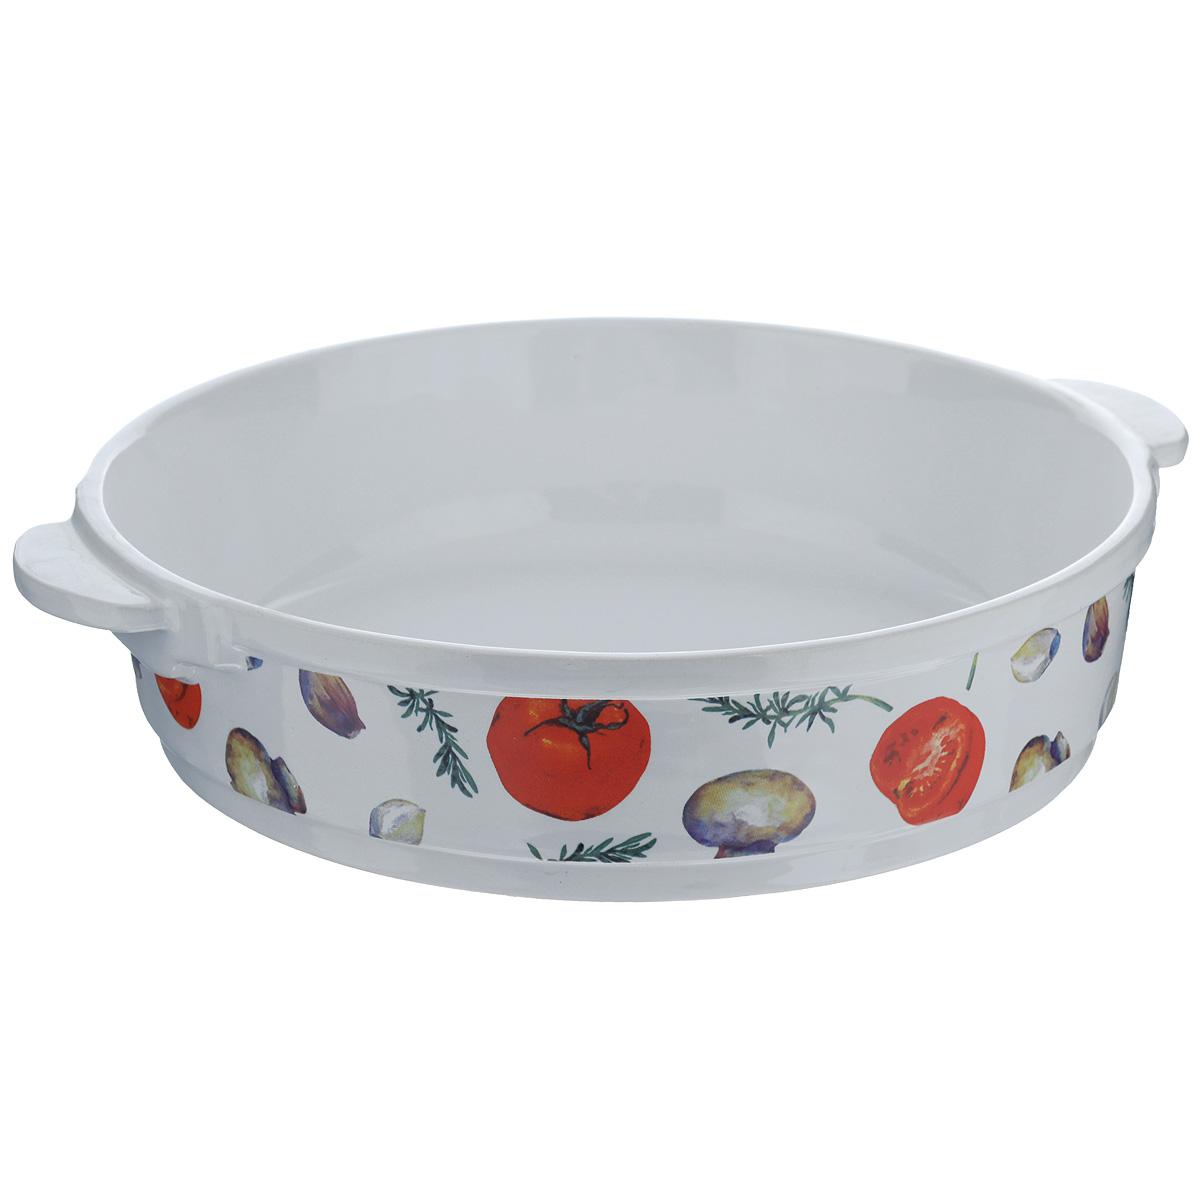 Форма для запекания Едим Дома Прованс, круглая, диаметр 26 смPRV069Круглая форма для запекания Едим Дома Прованс изготовлена из жаропрочной керамики, покрытой глазурью. Такая керамика выдерживает температуру от -30°С до +220°С, что позволяет использовать ее и в холодильнике, и в духовке. Изделие декорировано изображением овощей. Форма идеальна для запекания мяса и овощей. Оснащена удобными ручками. Можно использовать в микроволновой печи и духовке. Можно мыть в посудомоечной машине. Внутренний диаметр формы: 26 см. Размер формы (с учетом ручек): 30 см х 26 см. Высота стенки: 6,5 см.